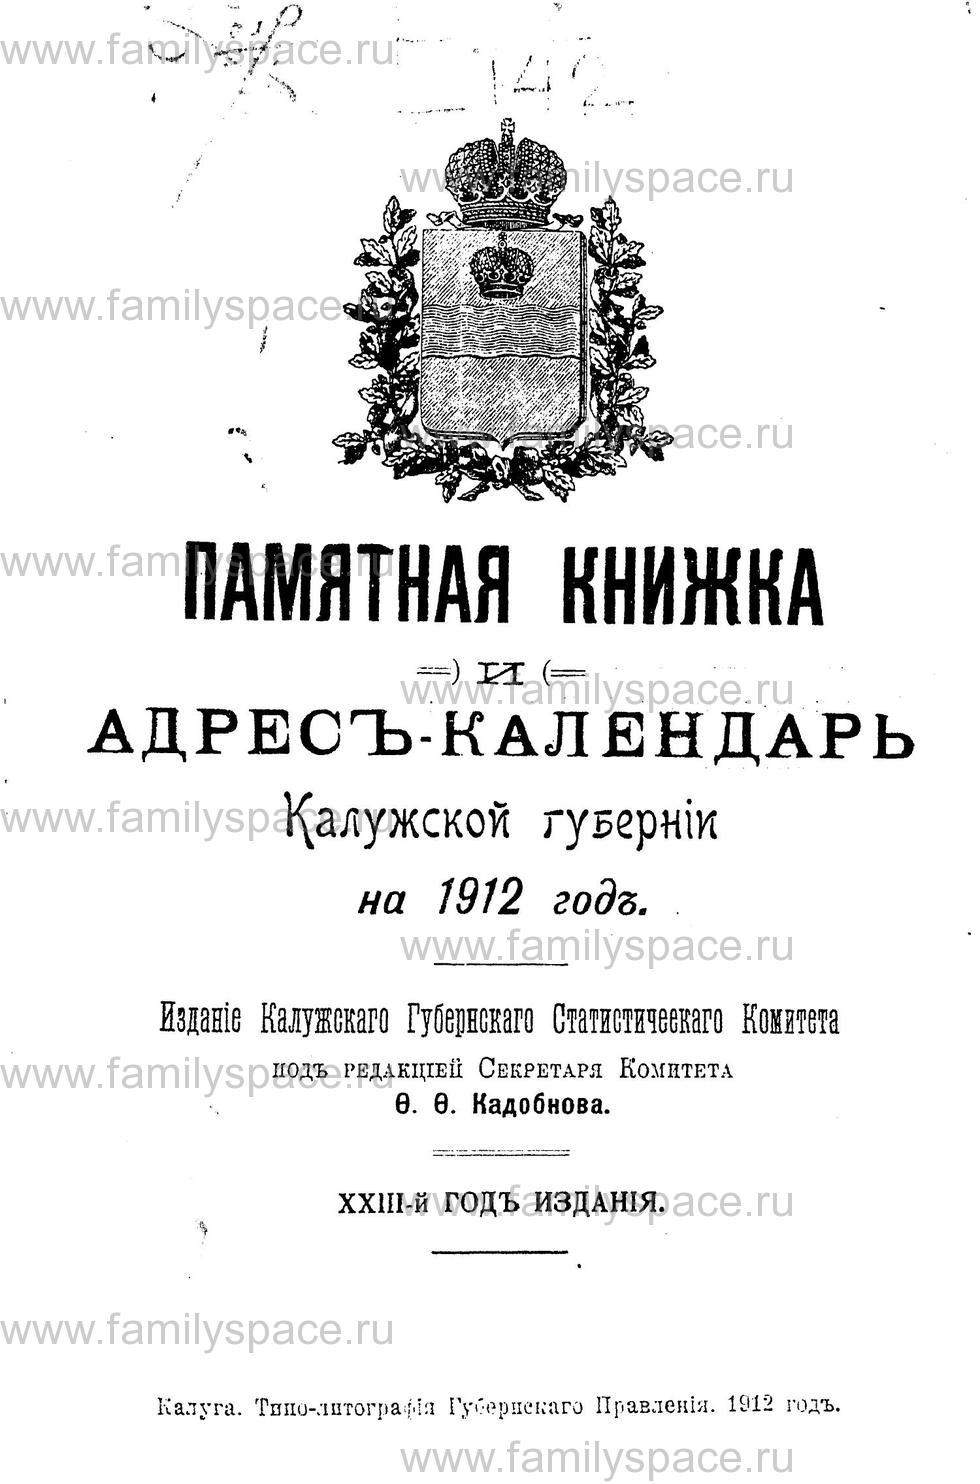 Поиск по фамилии - Памятная книжка и адрес-календарь Калужской губернии на 1912 год, страница -2